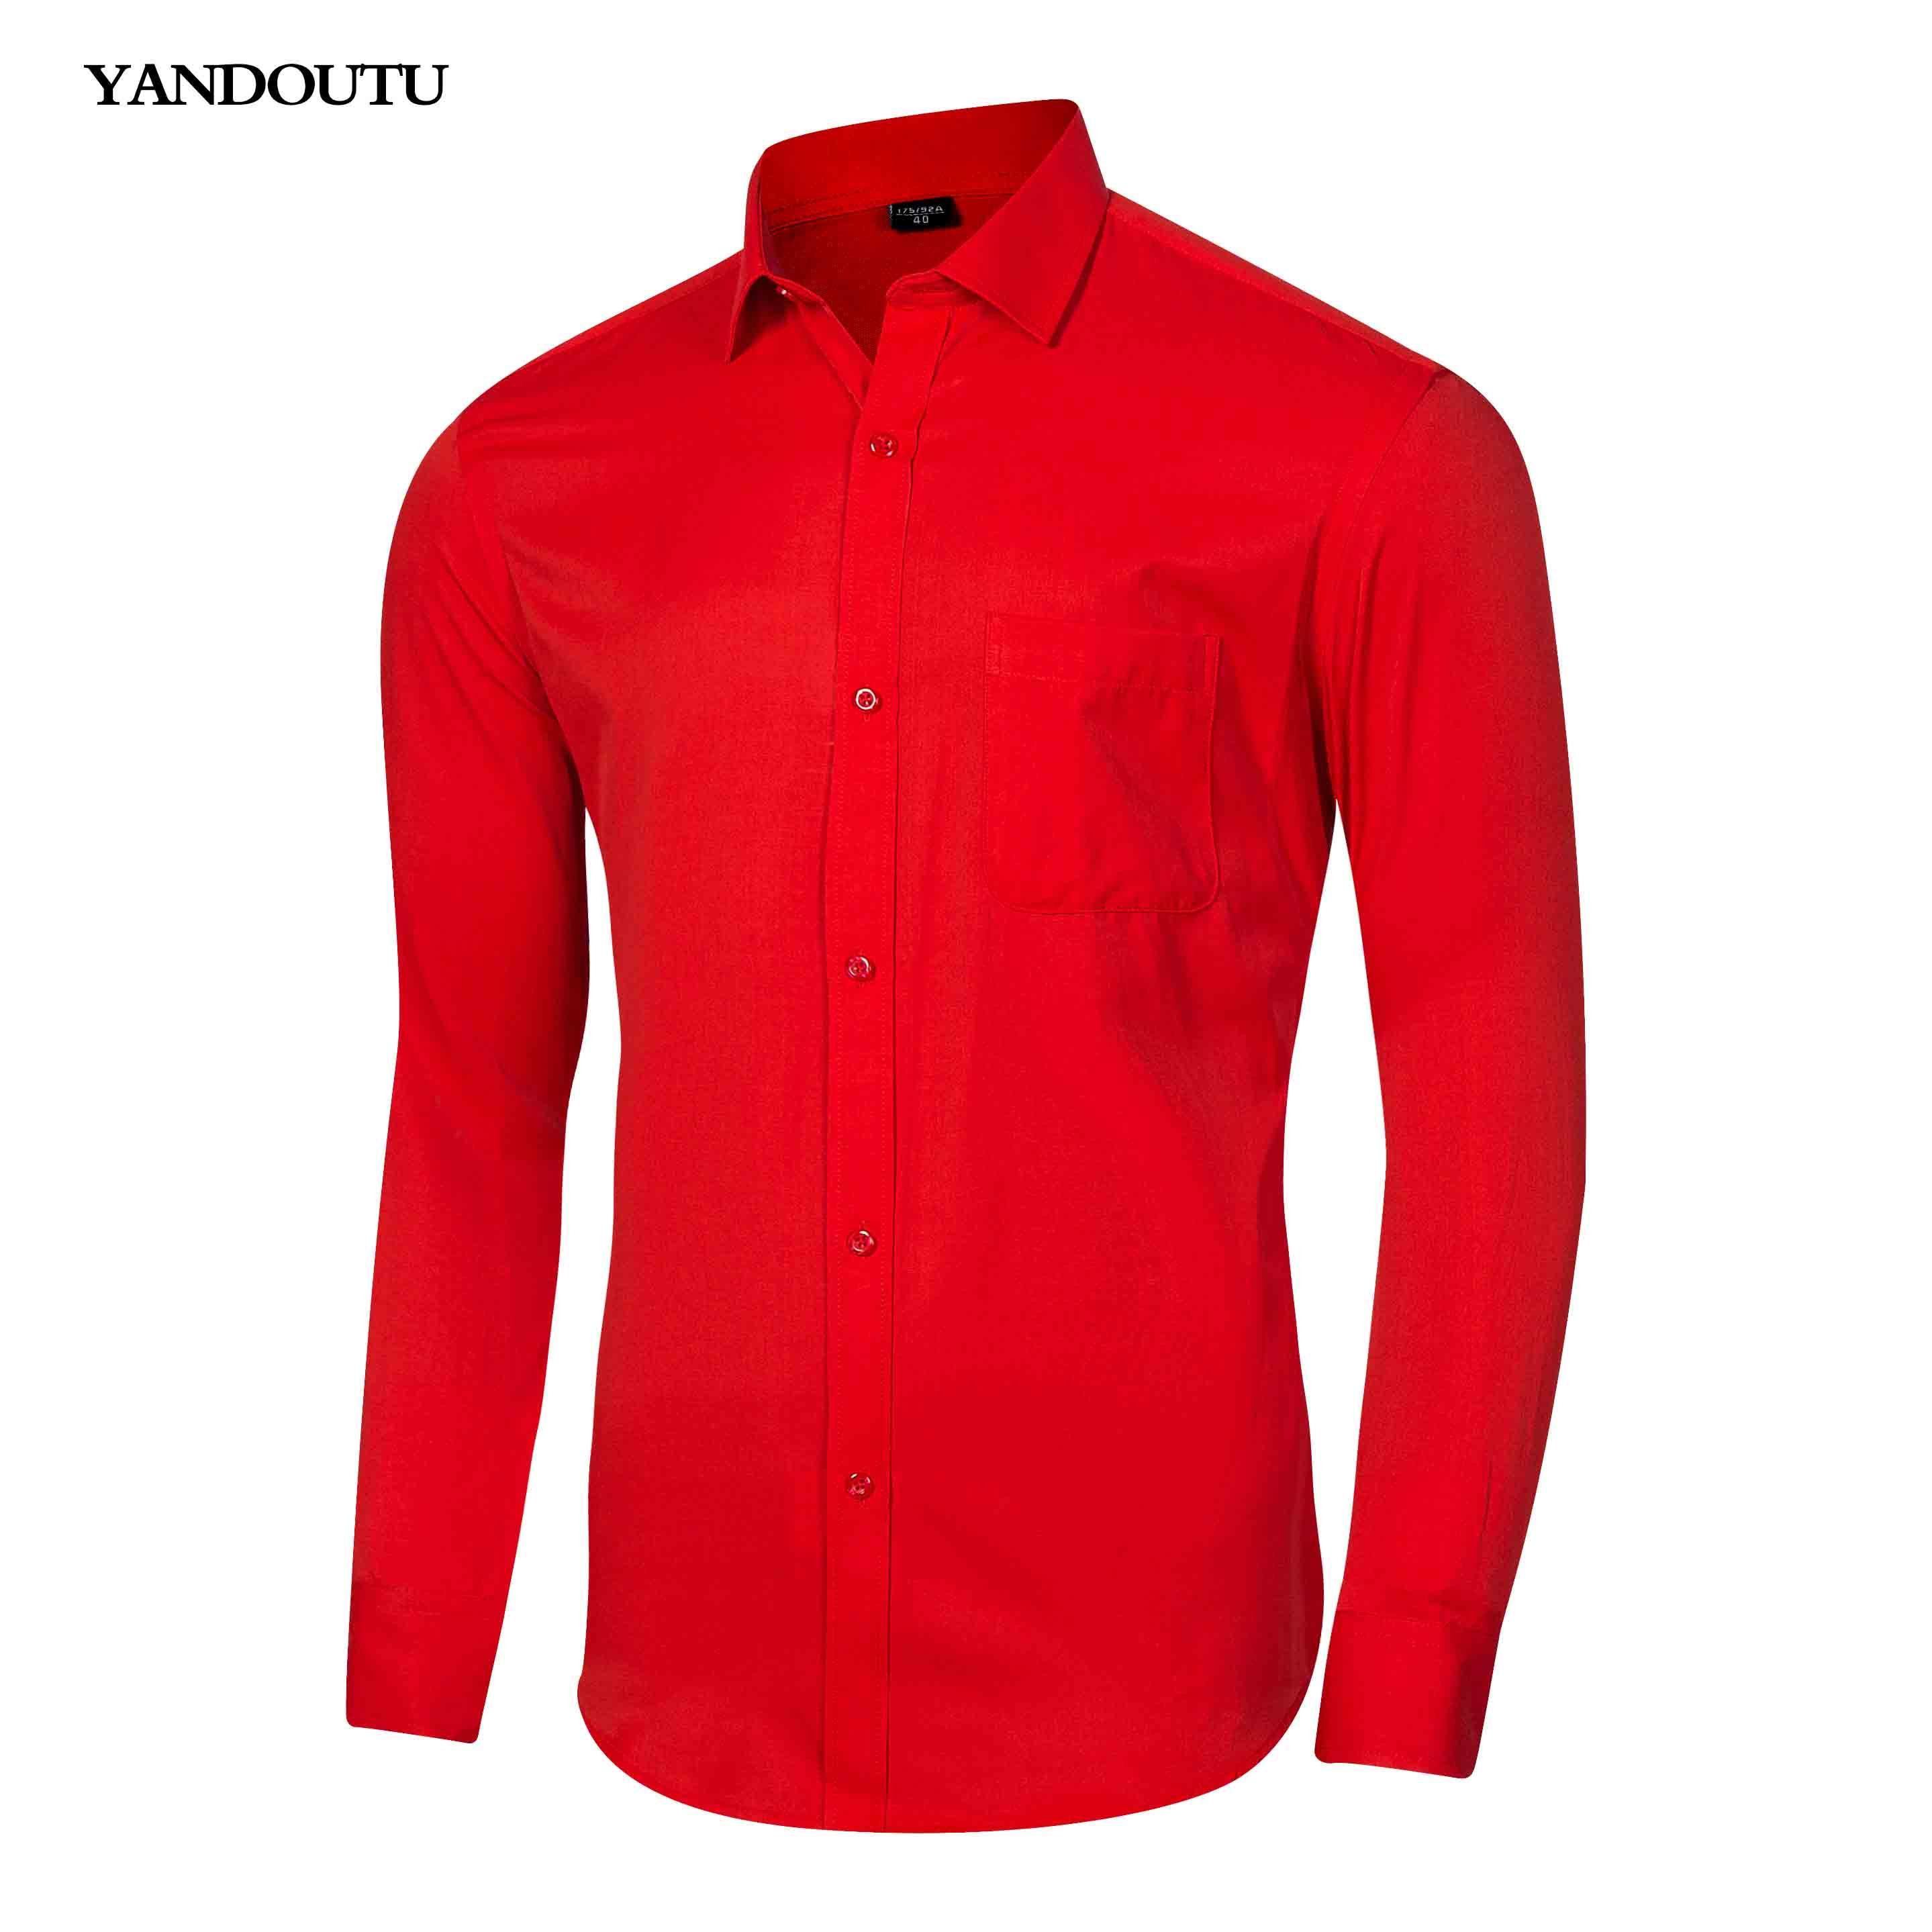 Acquista Vendita All ingrosso Camicia Rossa Camicia Elegante Da Lavoro Abbigliamento  Maschile Camicia Da Lavoro Attillata Camicie Stile Business ... 54a34dd2092